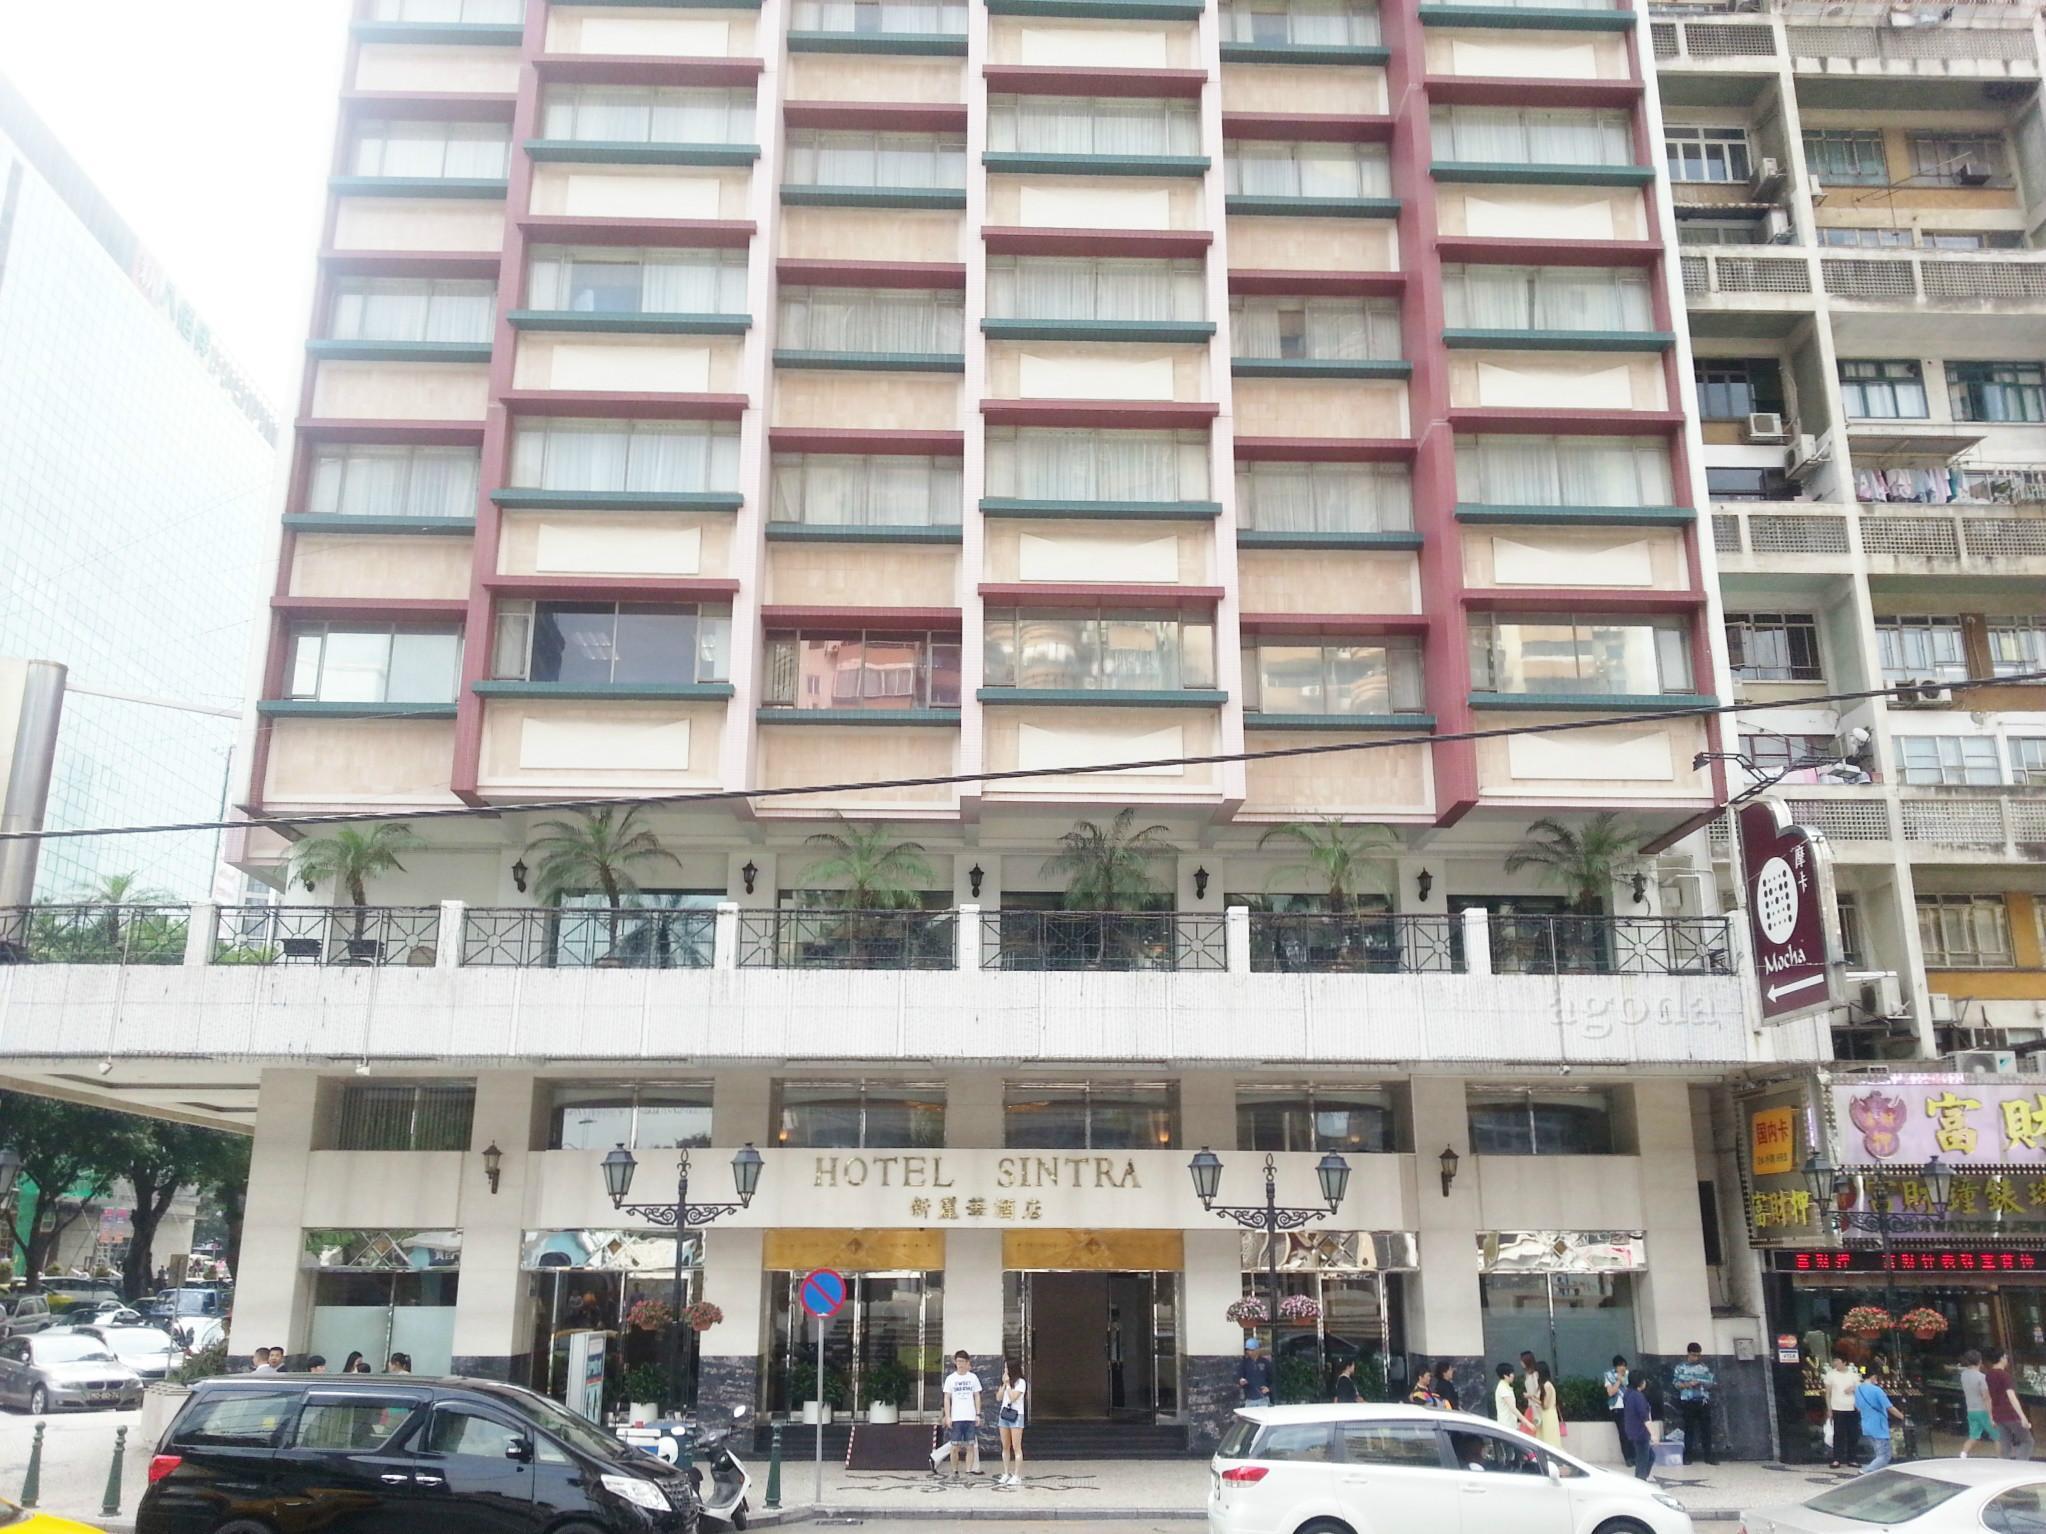 Macau Casino Hotels